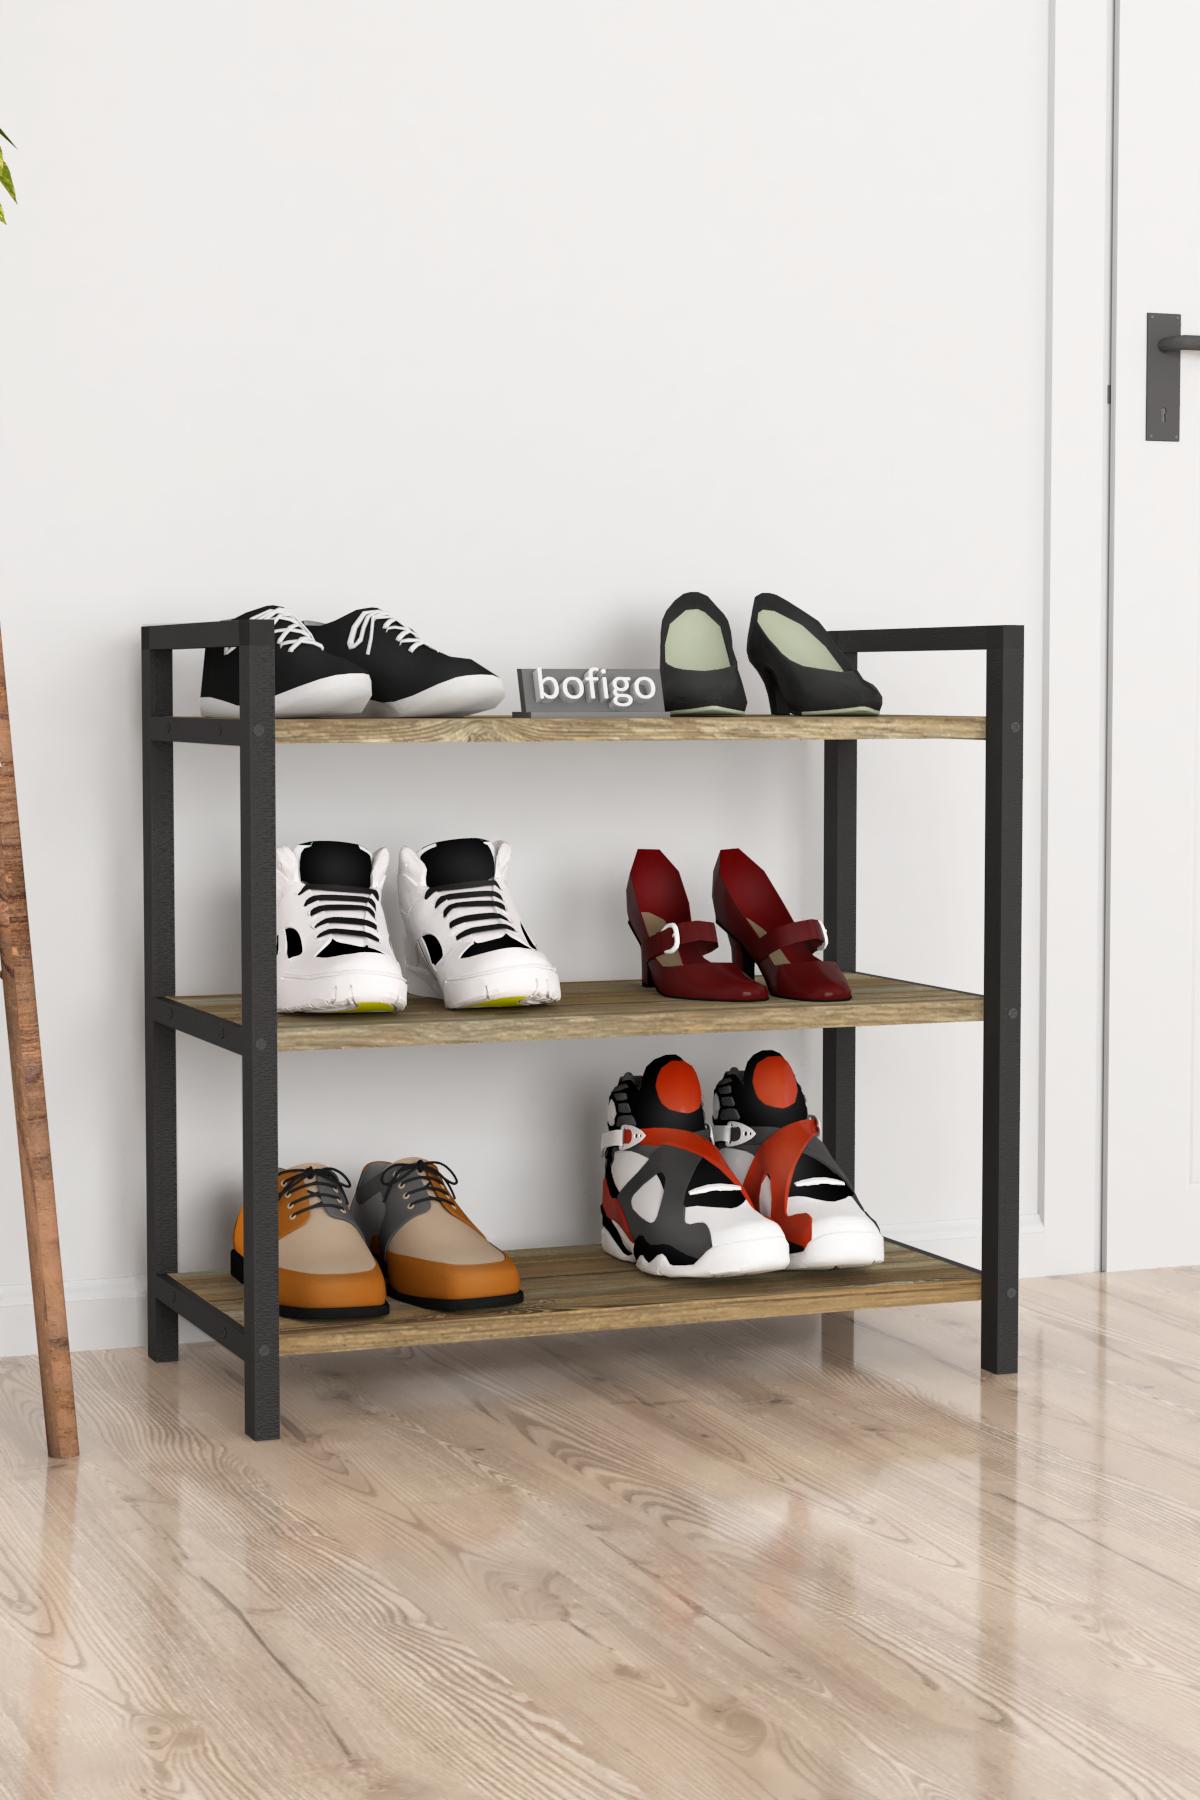 Bofigo Dekoratif 3 Raflı Ayakkabılık Metal Ayakkabılık Patik